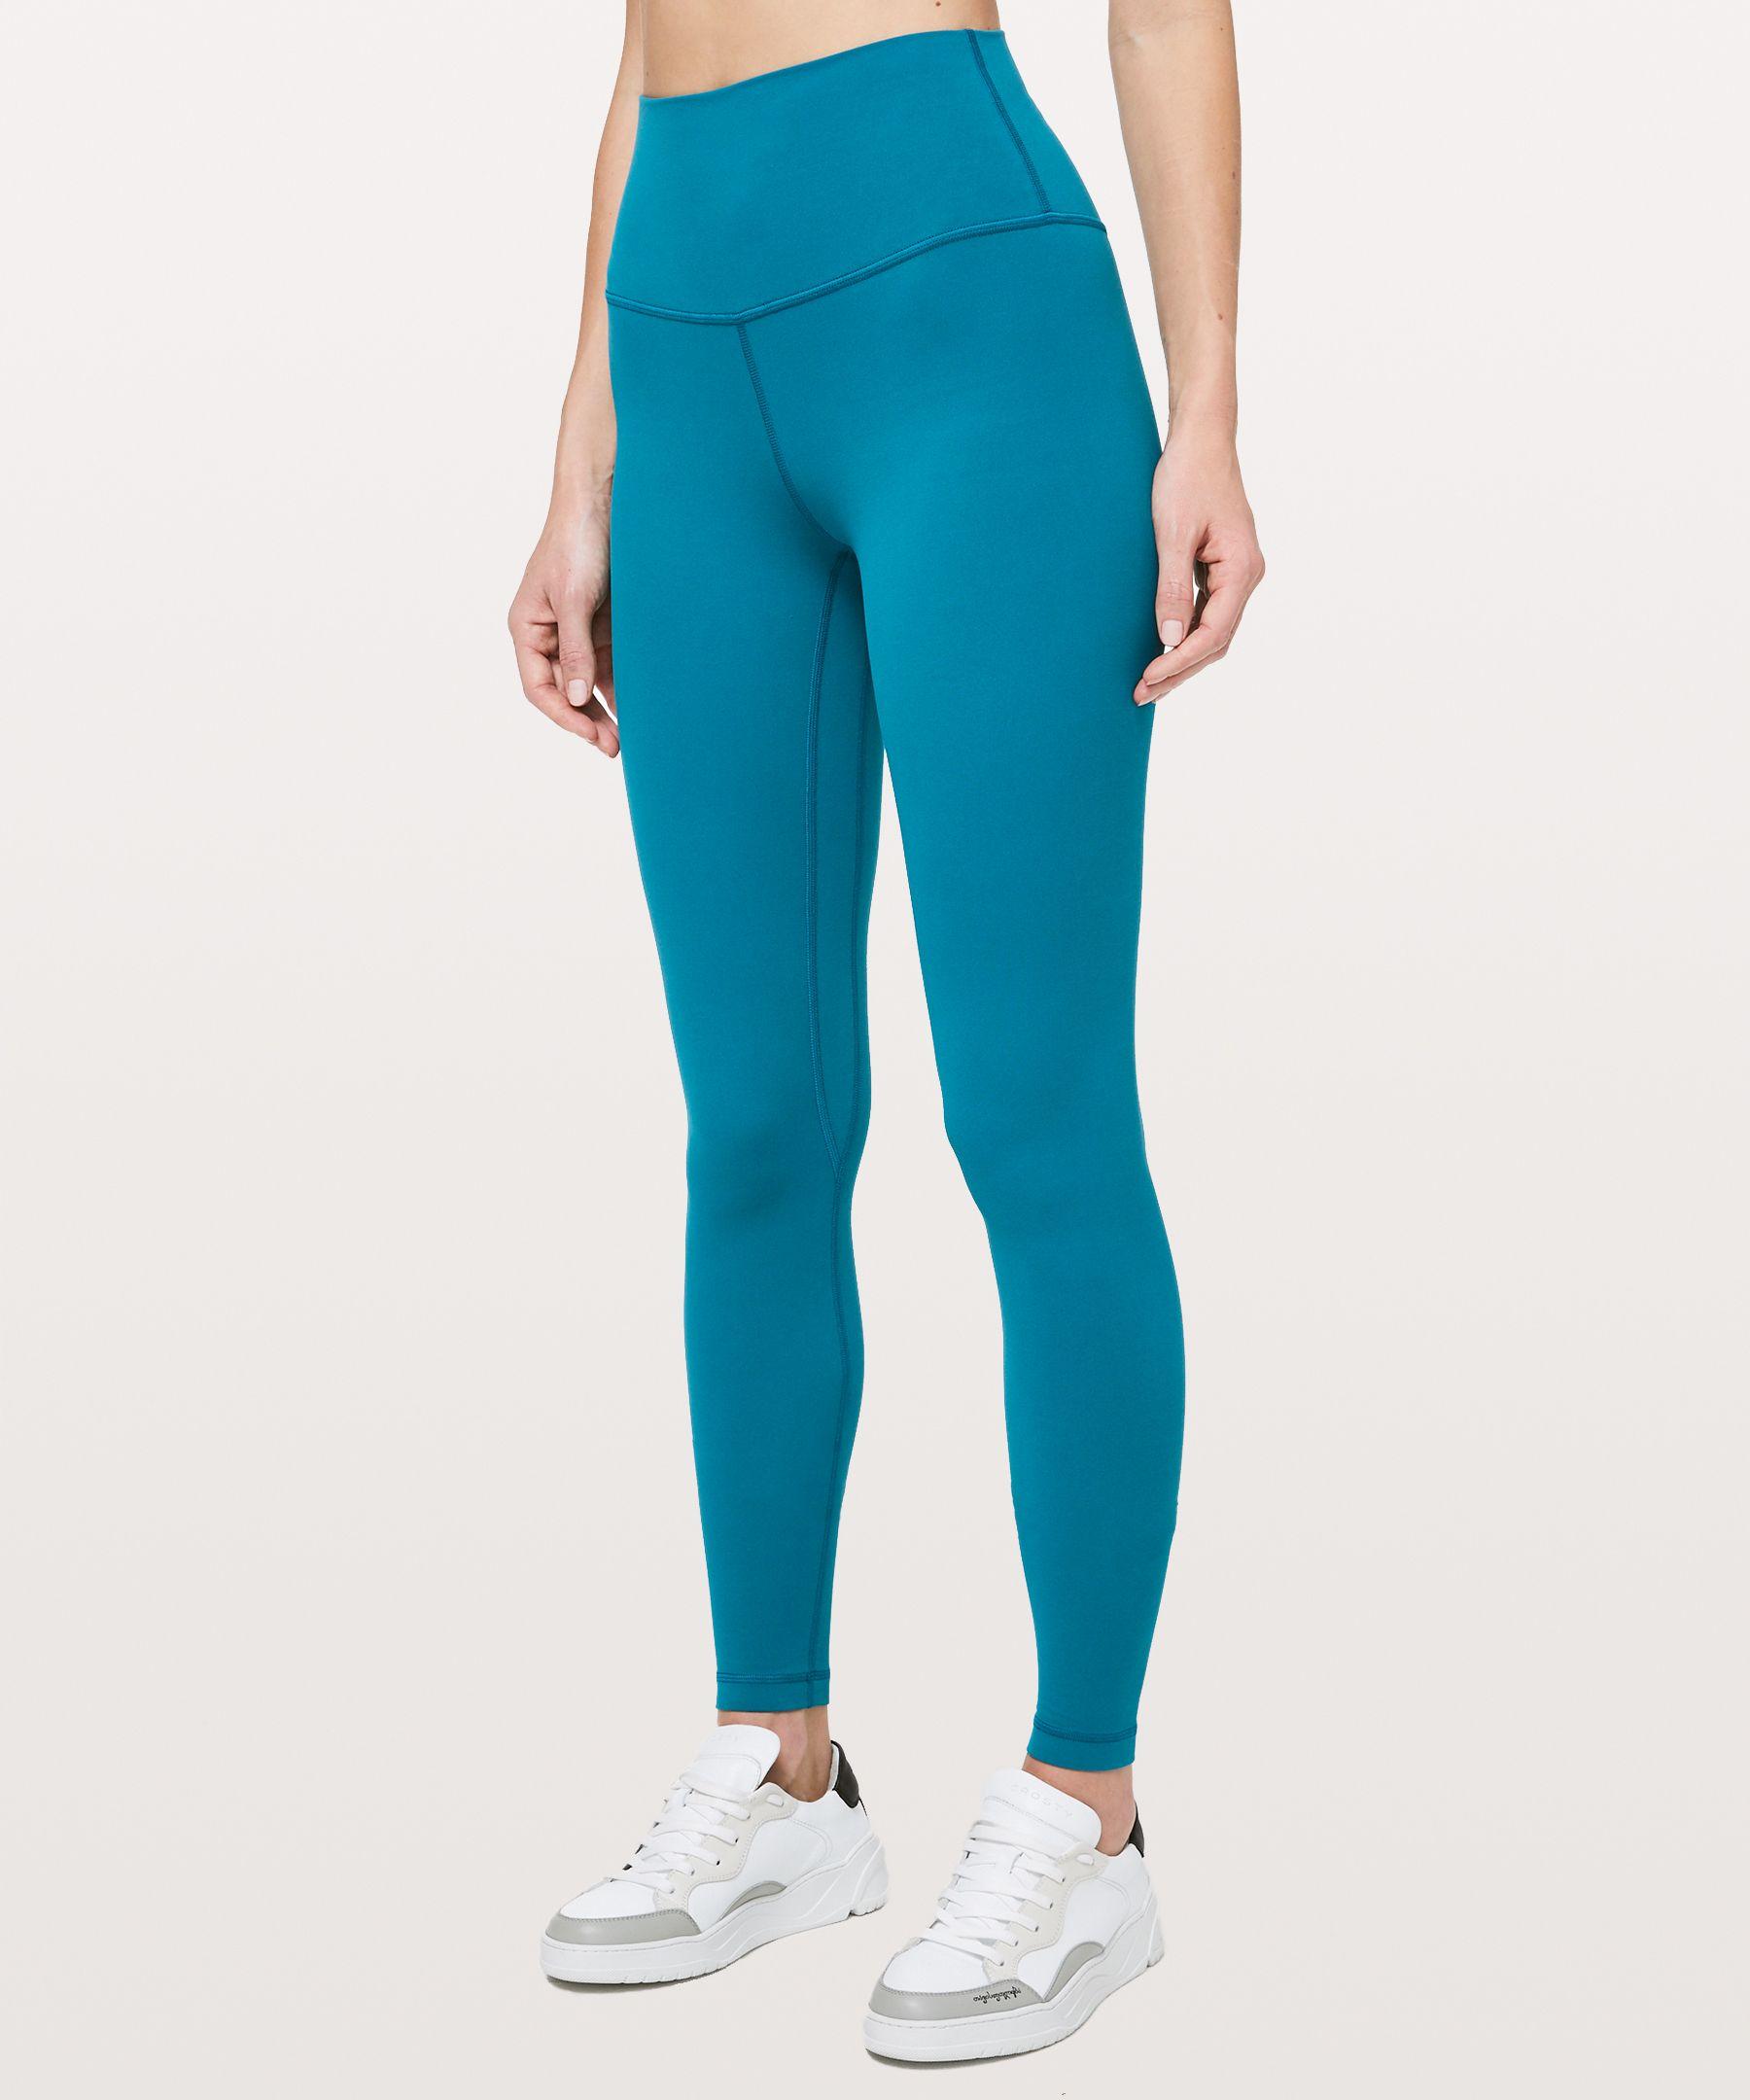 Align Pant (Full Length)  28